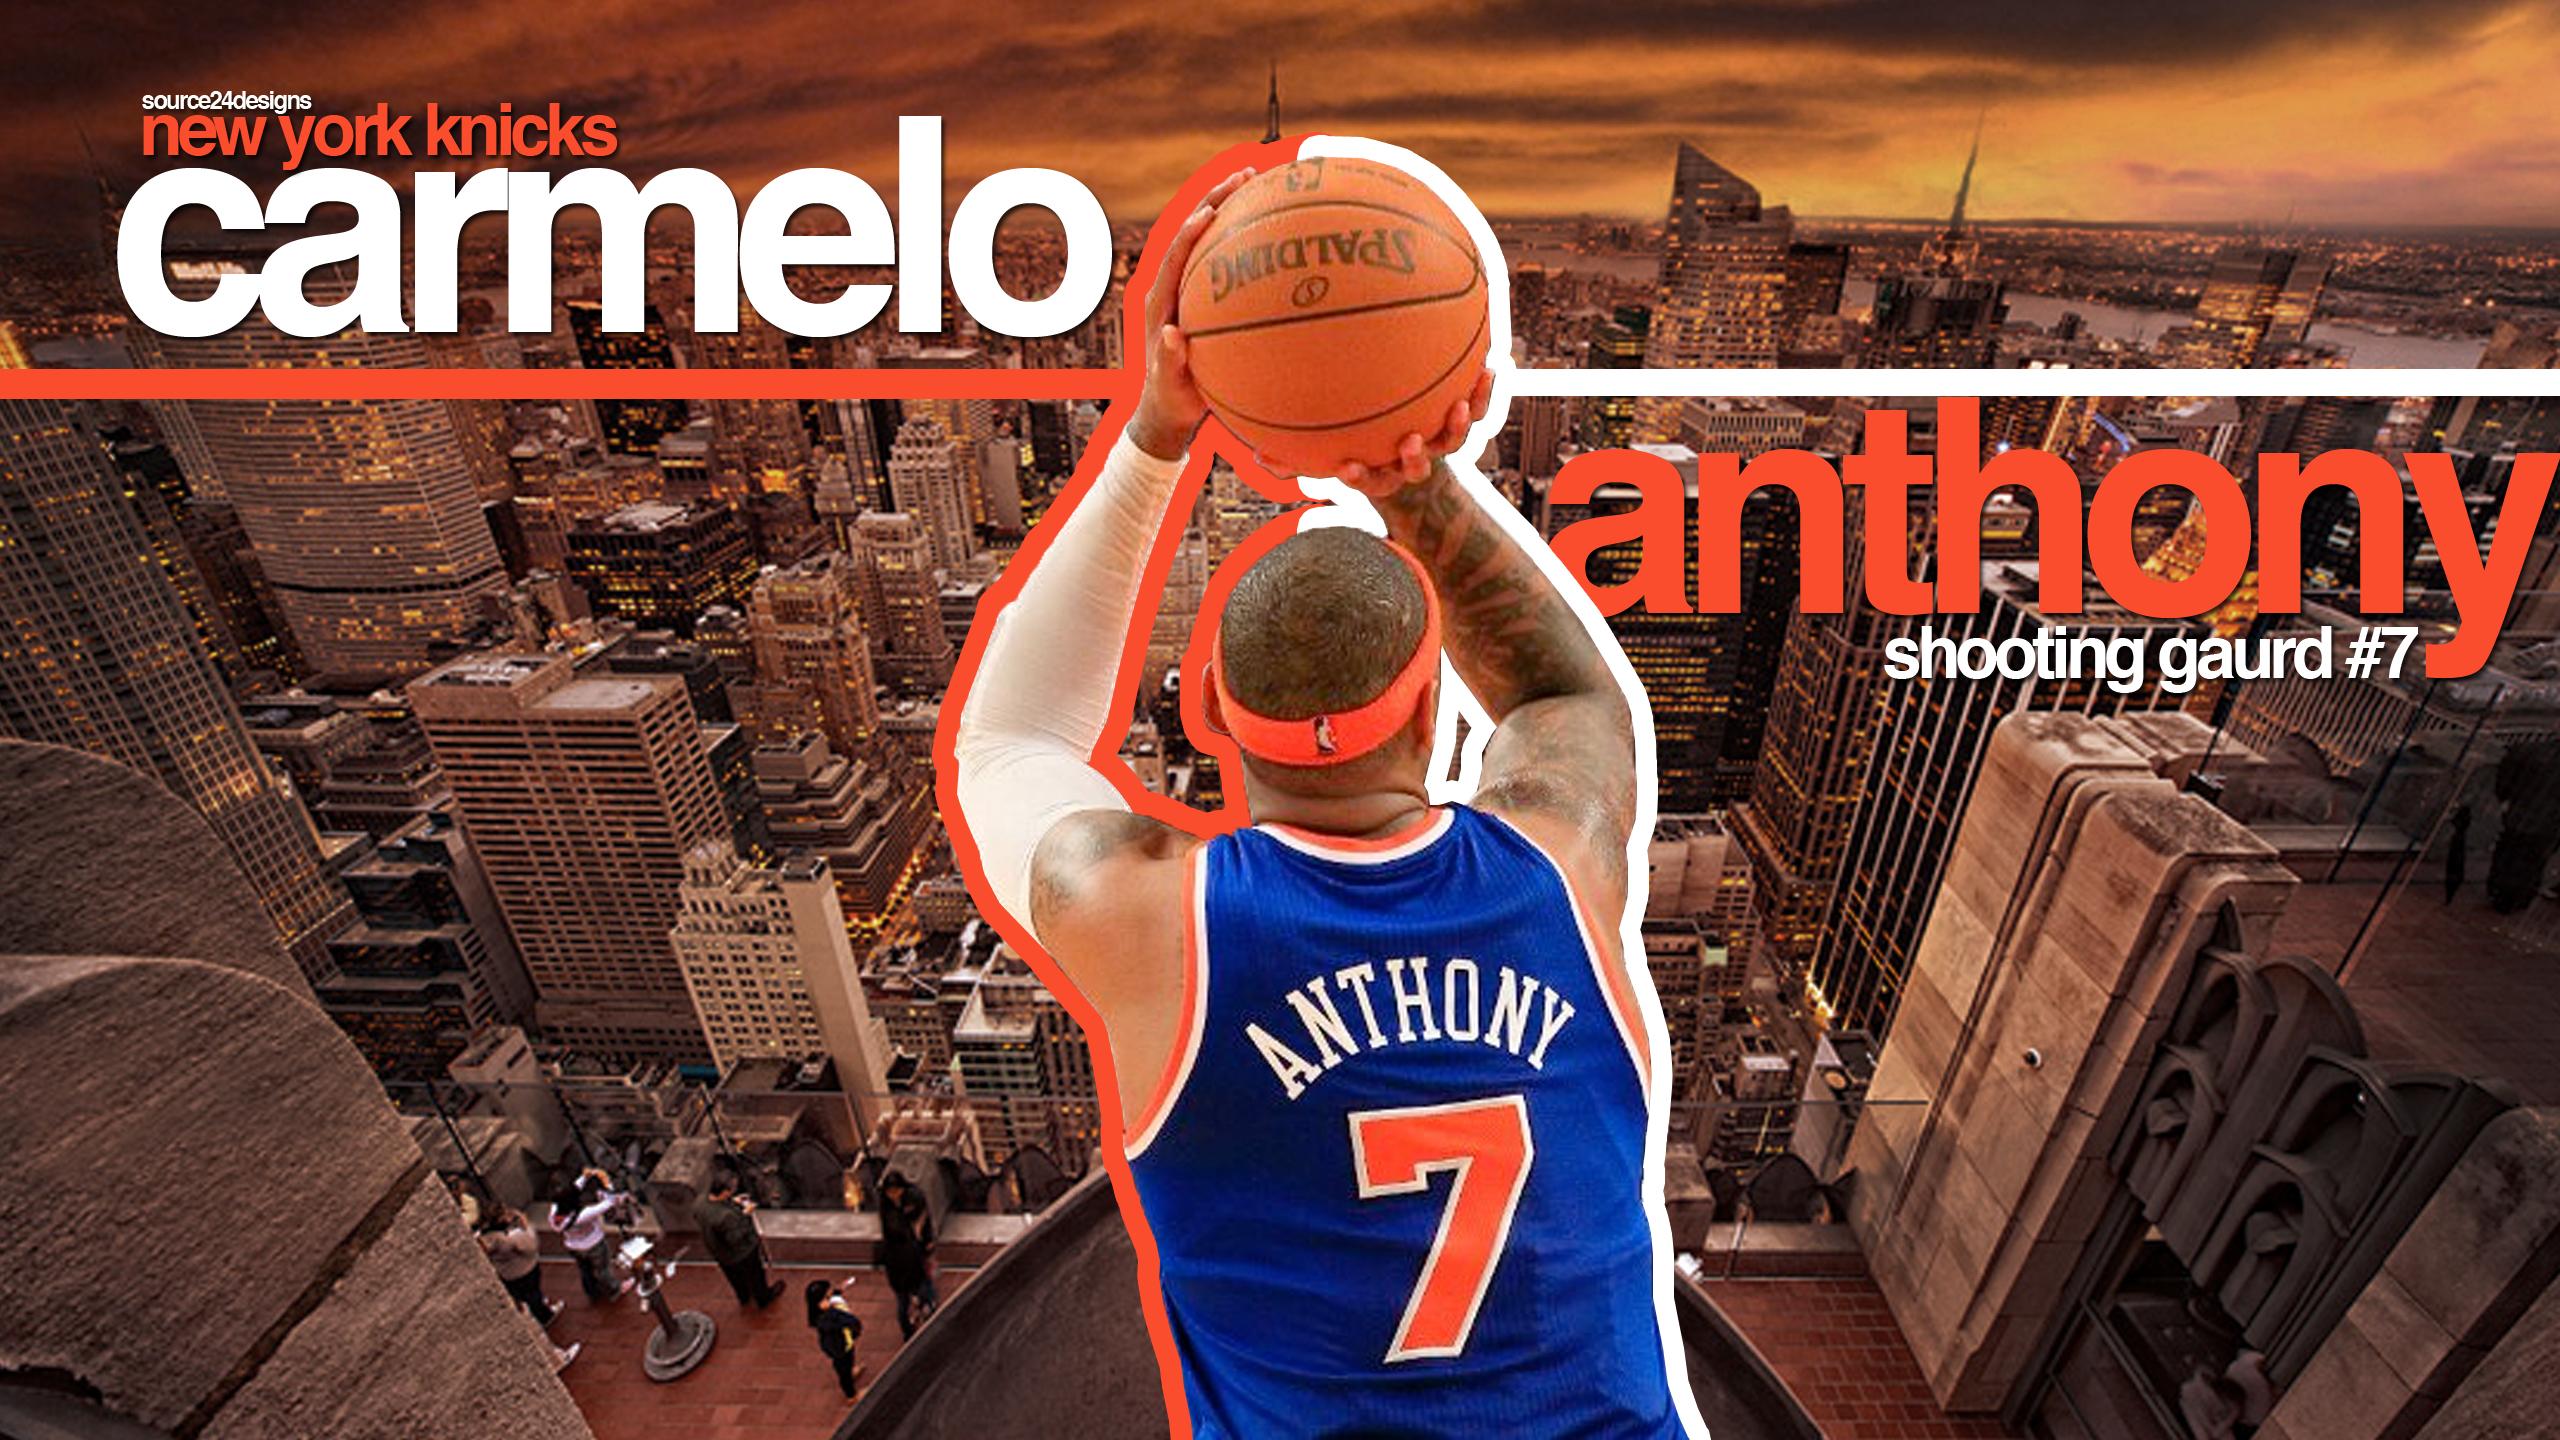 Wallpaper 2560x1440 Px Basketball Gt Knicks Nba New York